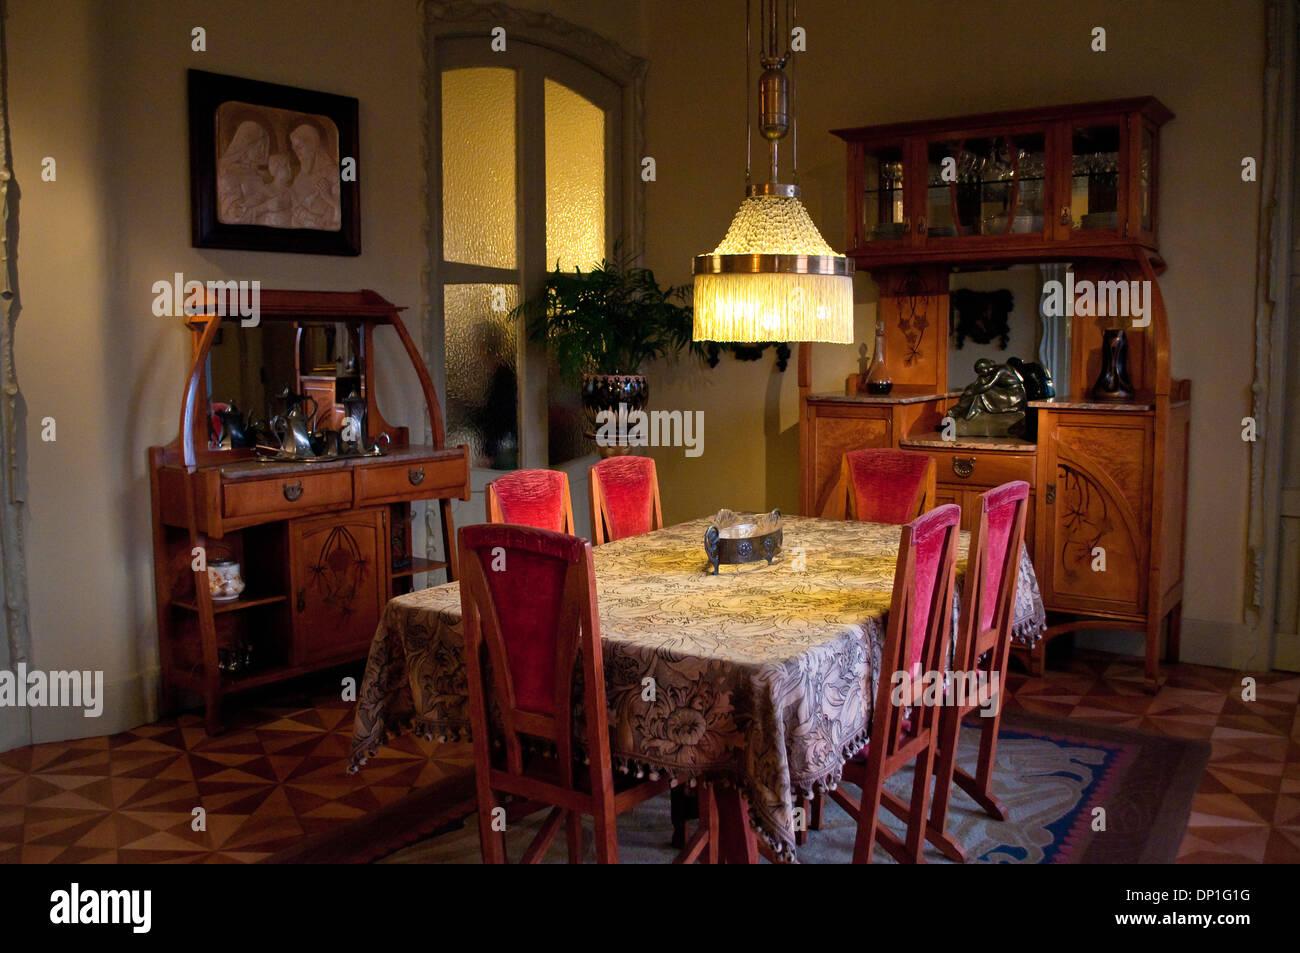 Dining Room Interior Casa Mila Stock Photos & Dining Room Interior ...